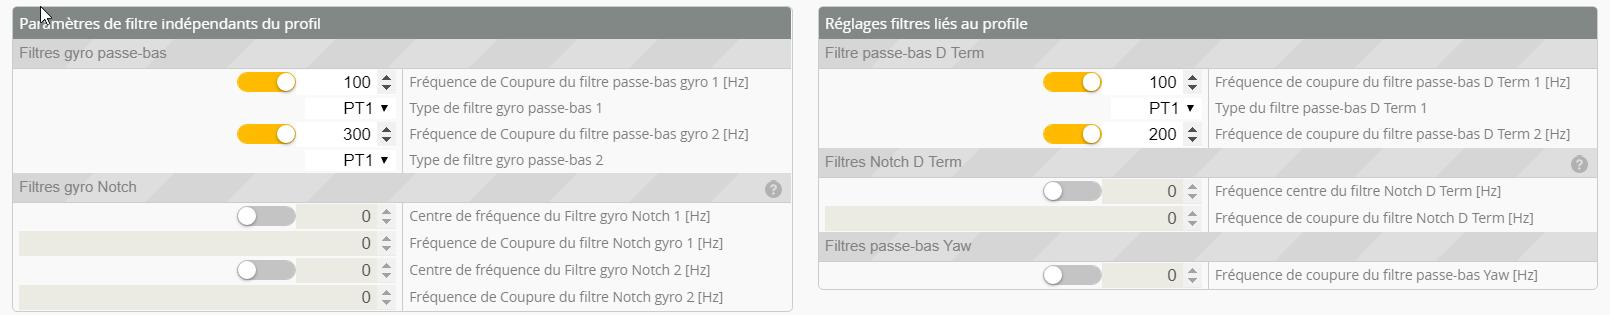 filtres par defaut betaflight 3.5